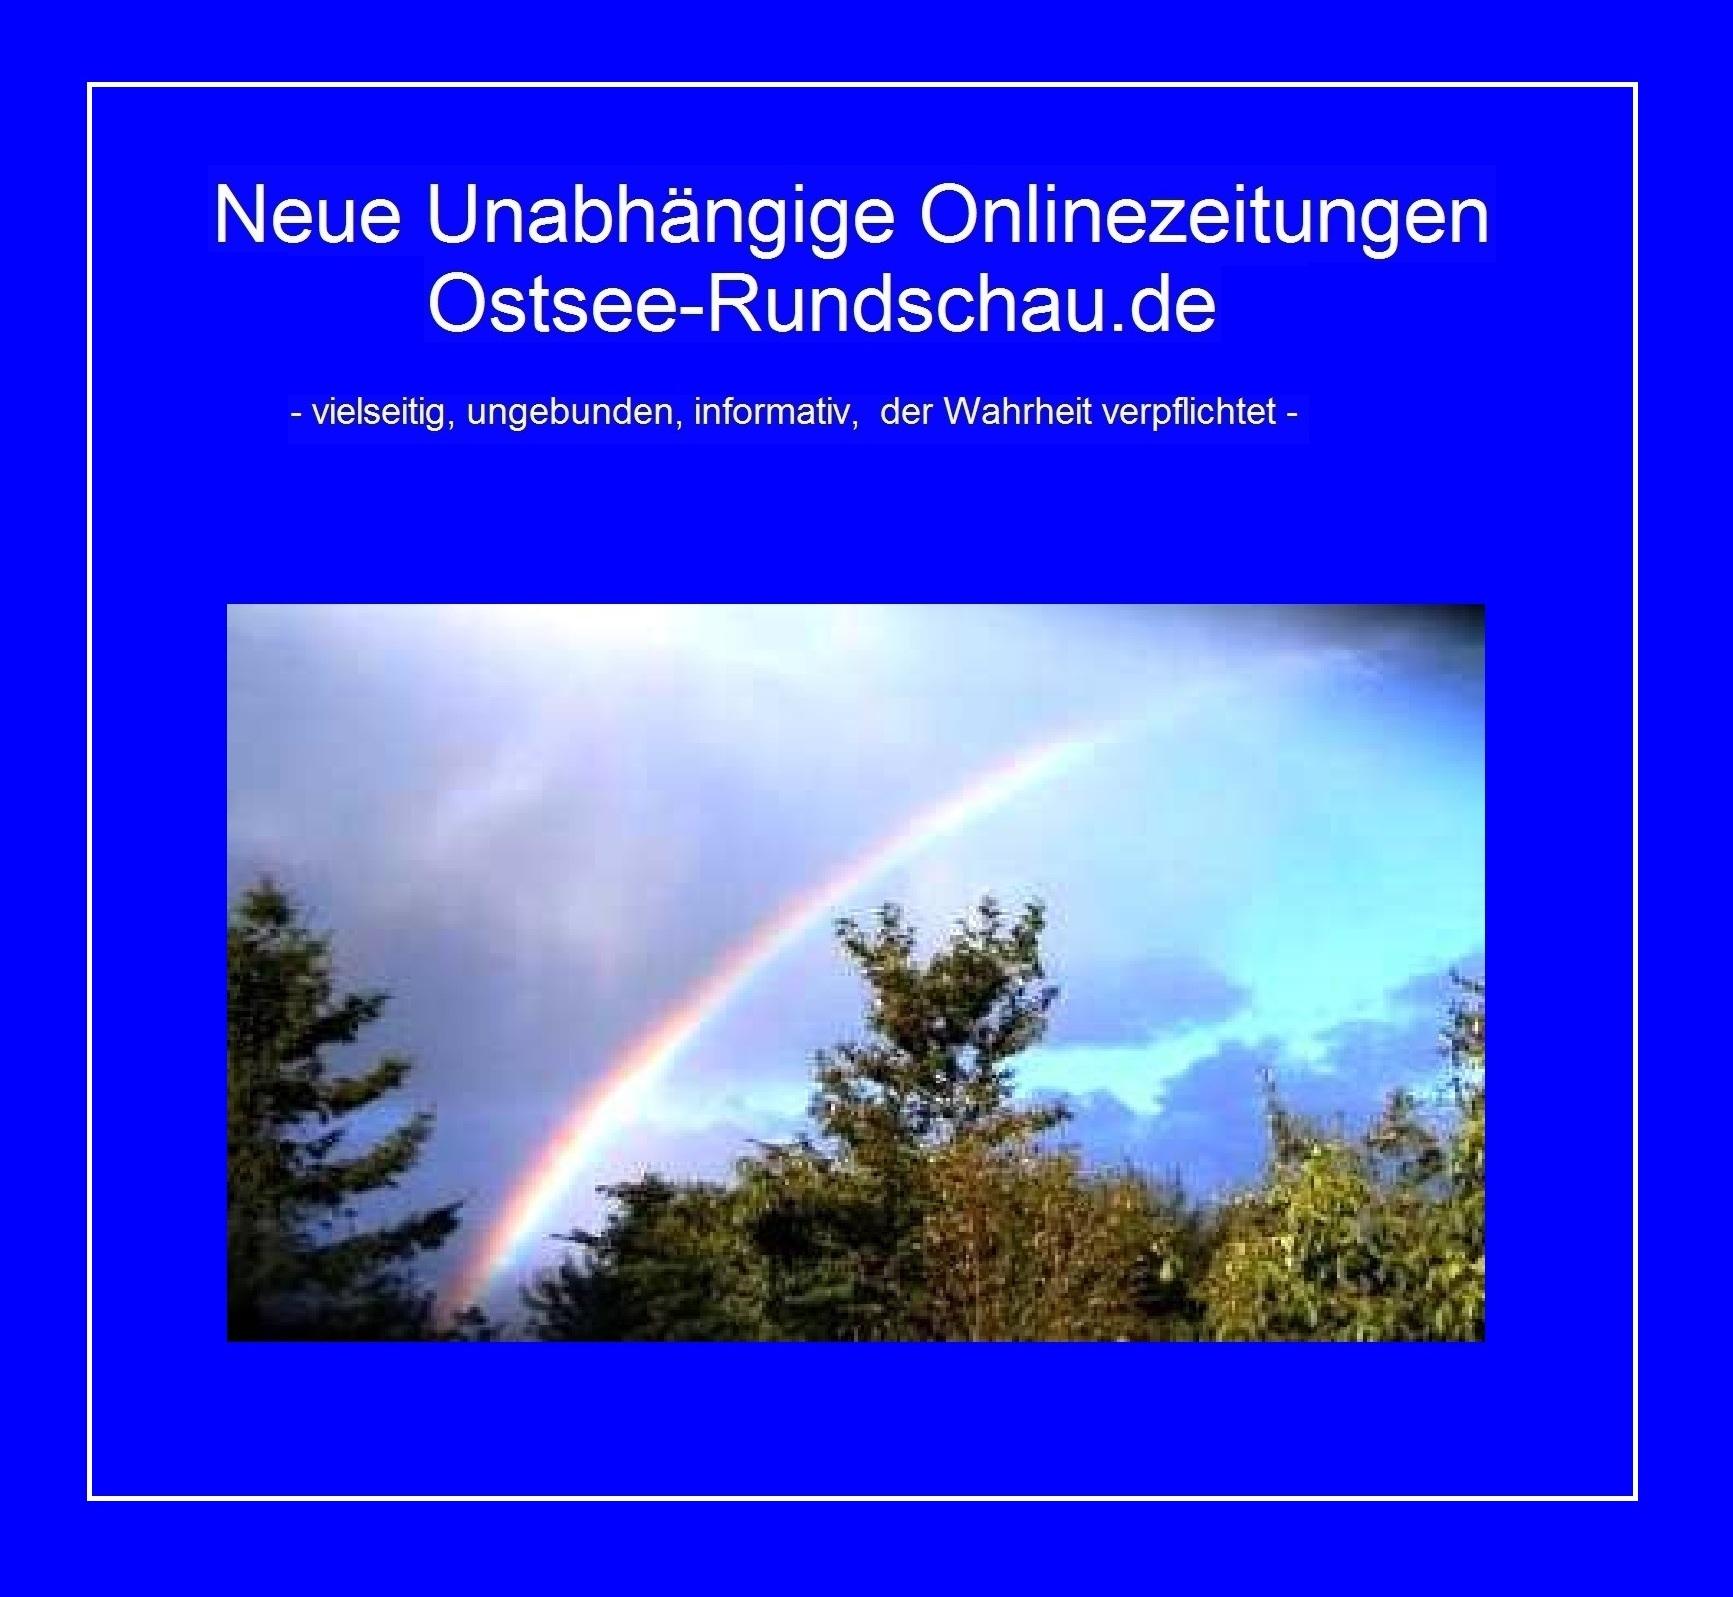 Neue Unabh�ngige Onlinezeitungen Ostsee-Rundschau.de - vielseitig, ungebunden, informativ, der Wahrheit verpflichtet